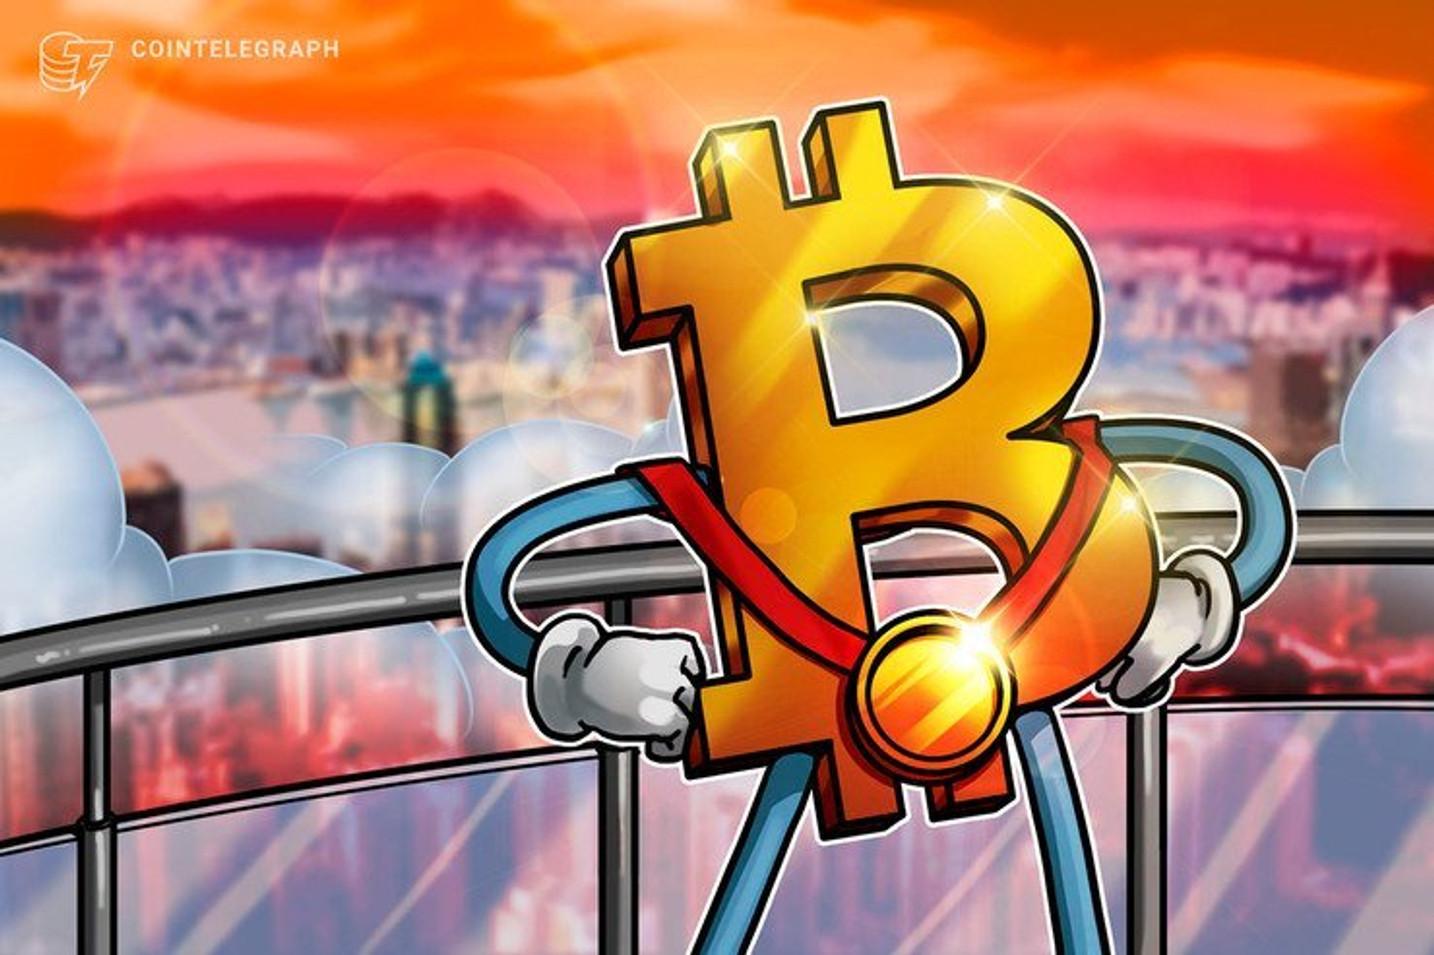 Empresa de investimentos bilionária diversifica portfólio para começar a investir em Bitcoin